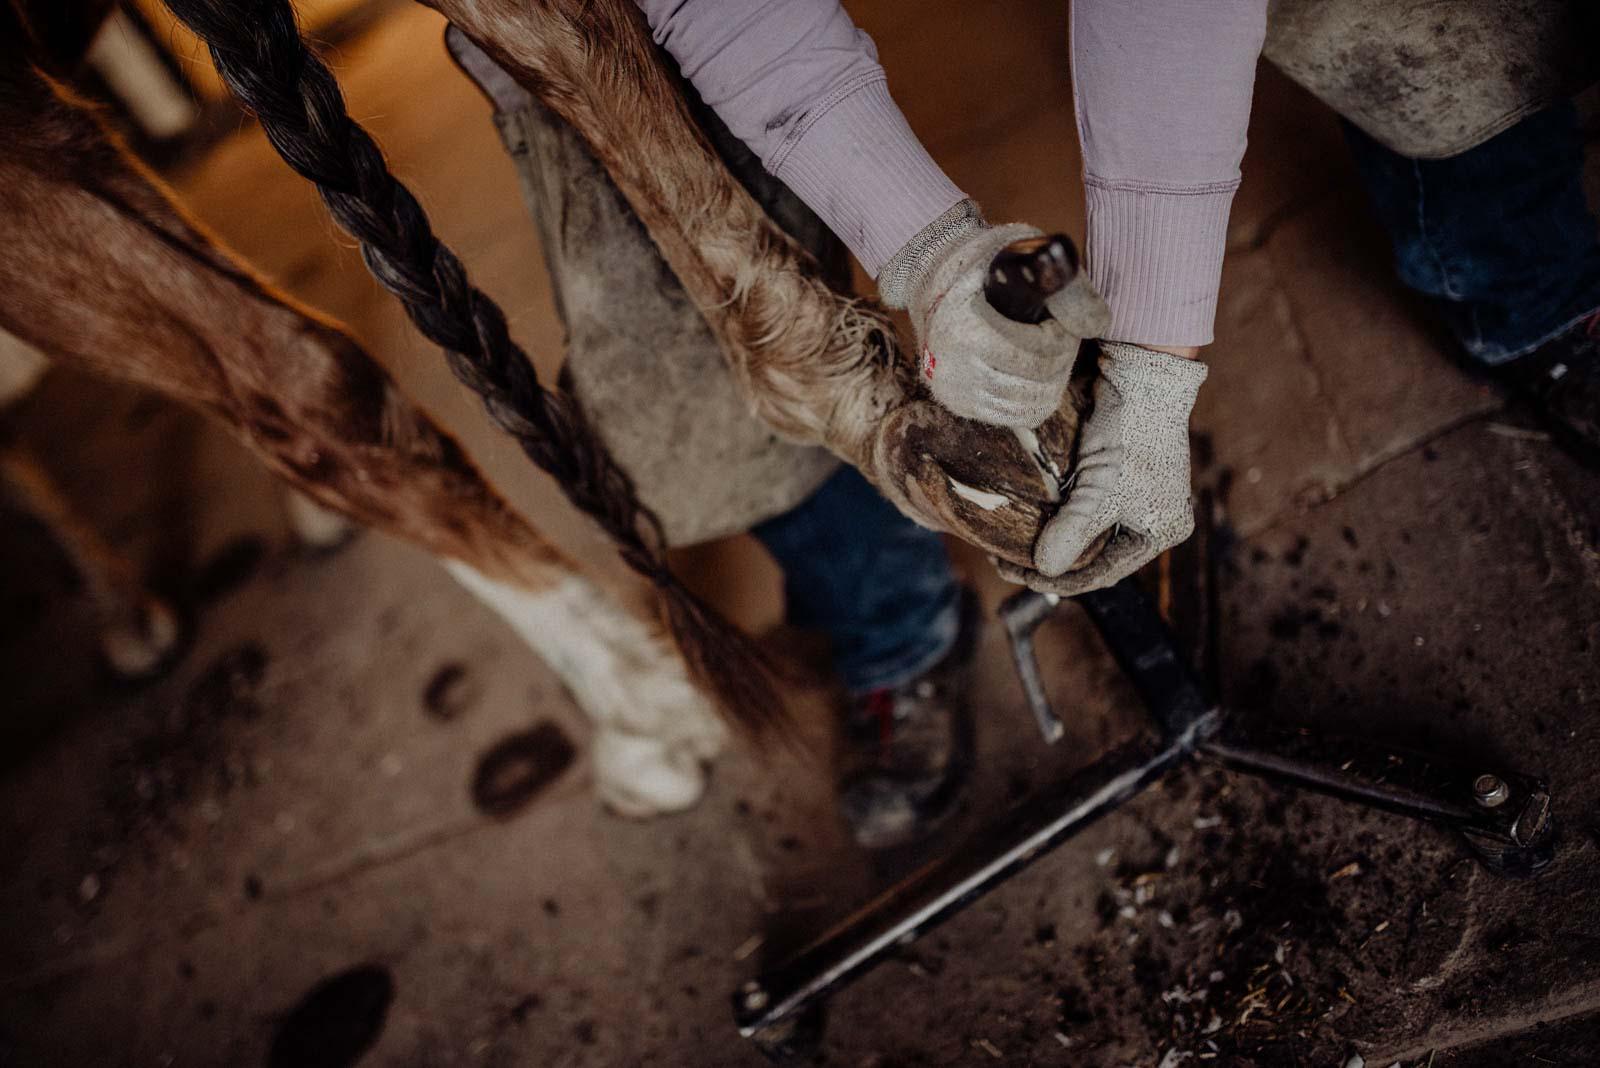 Detailaufnahme bei der Barhufbearbeitung